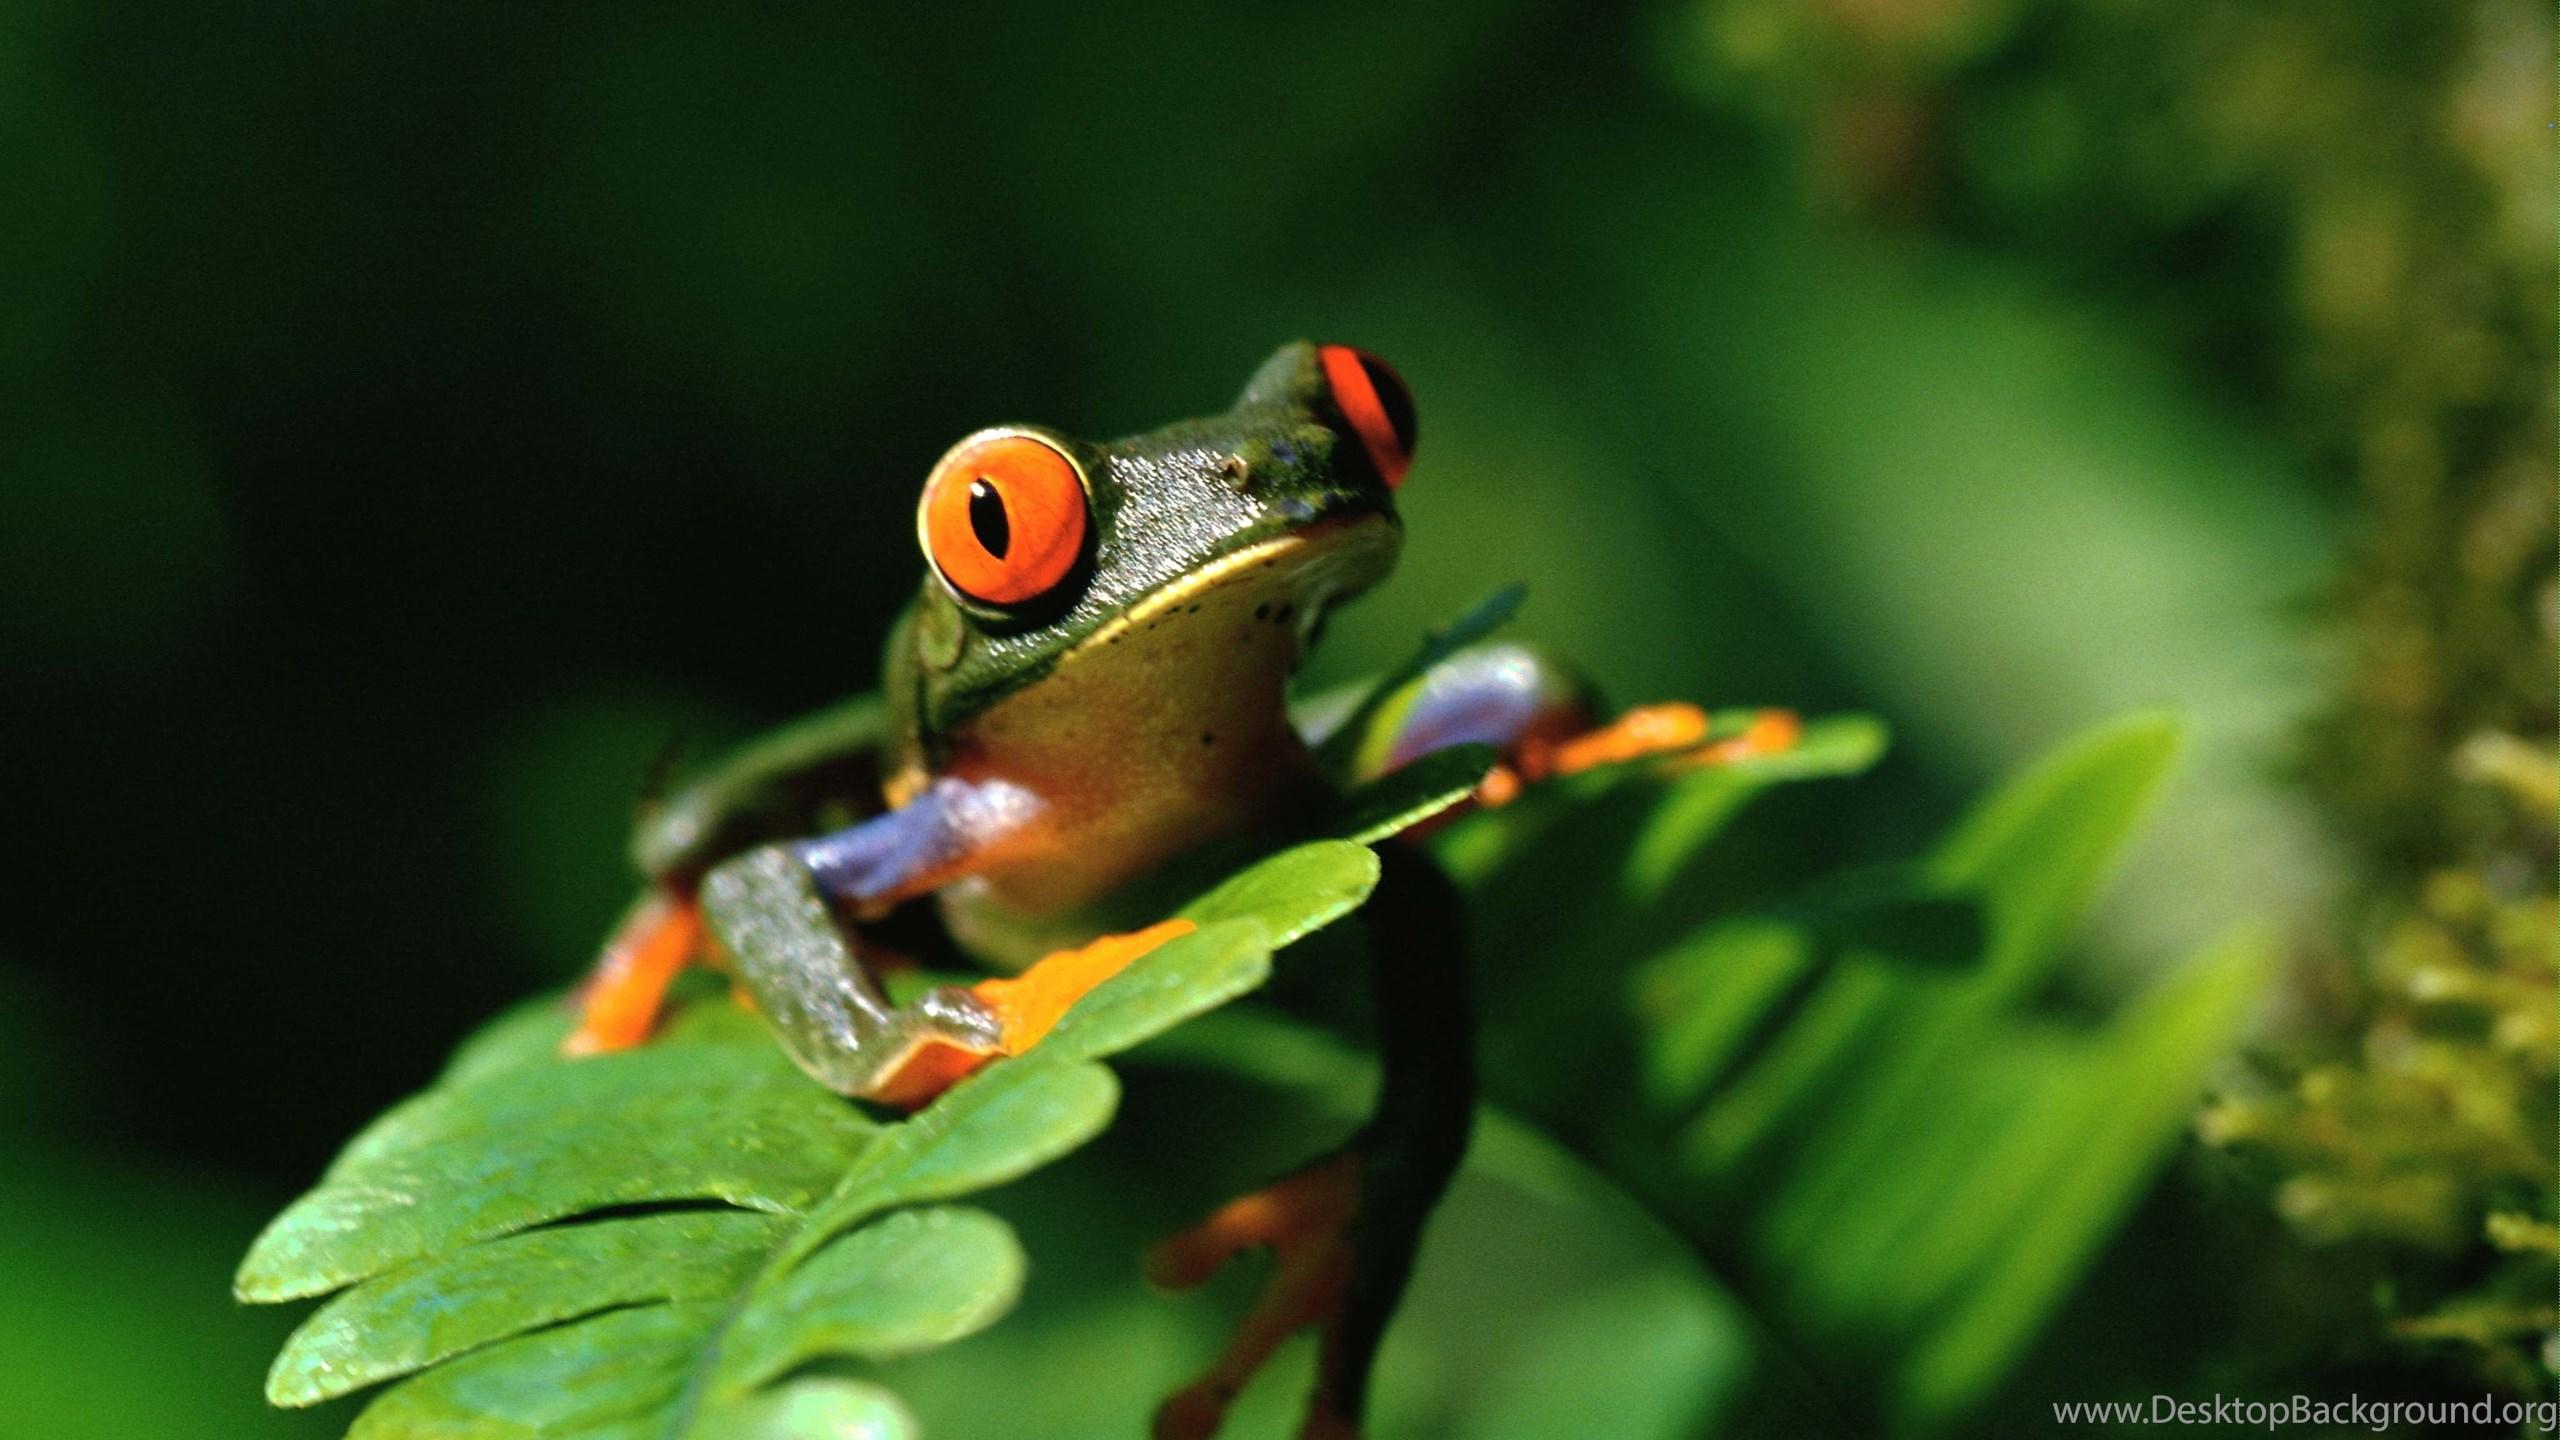 Frog Desktop Wallpaper Frog Photos New Wallpapers Desktop Background